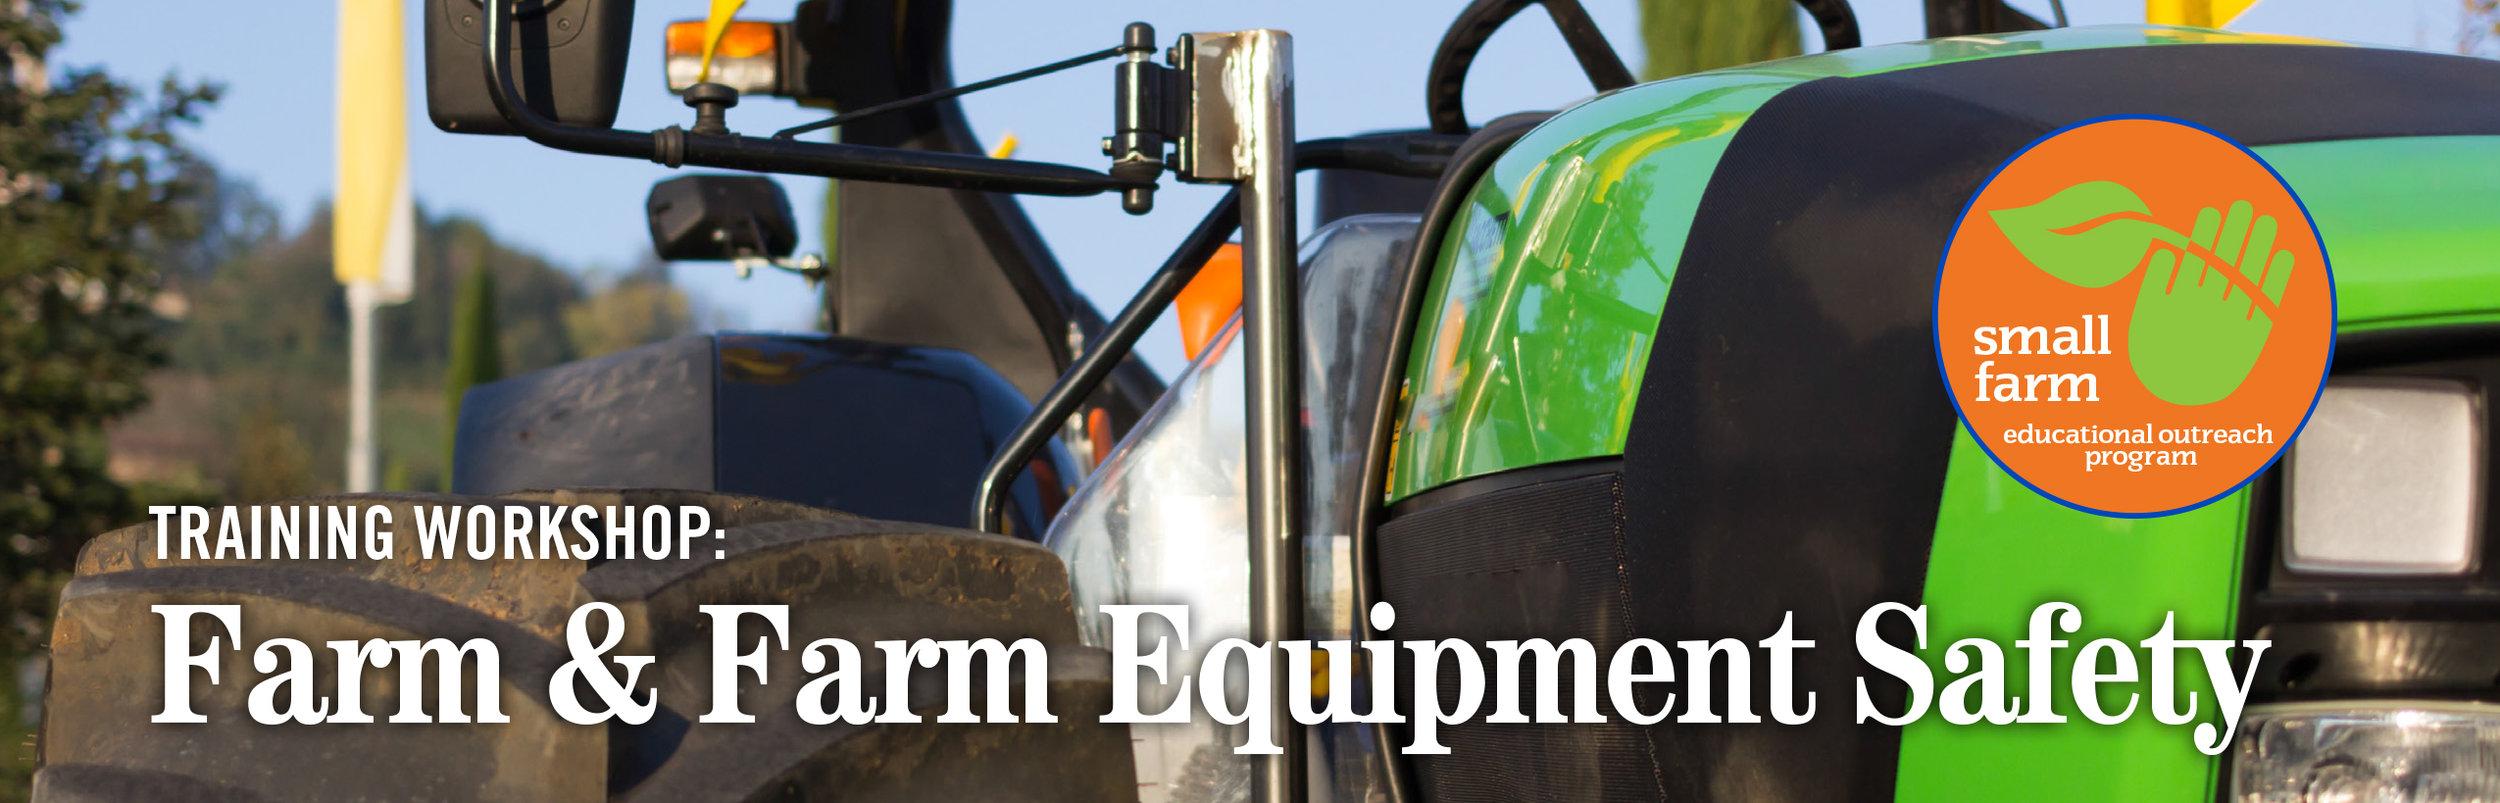 FarmSafety_banner.jpg